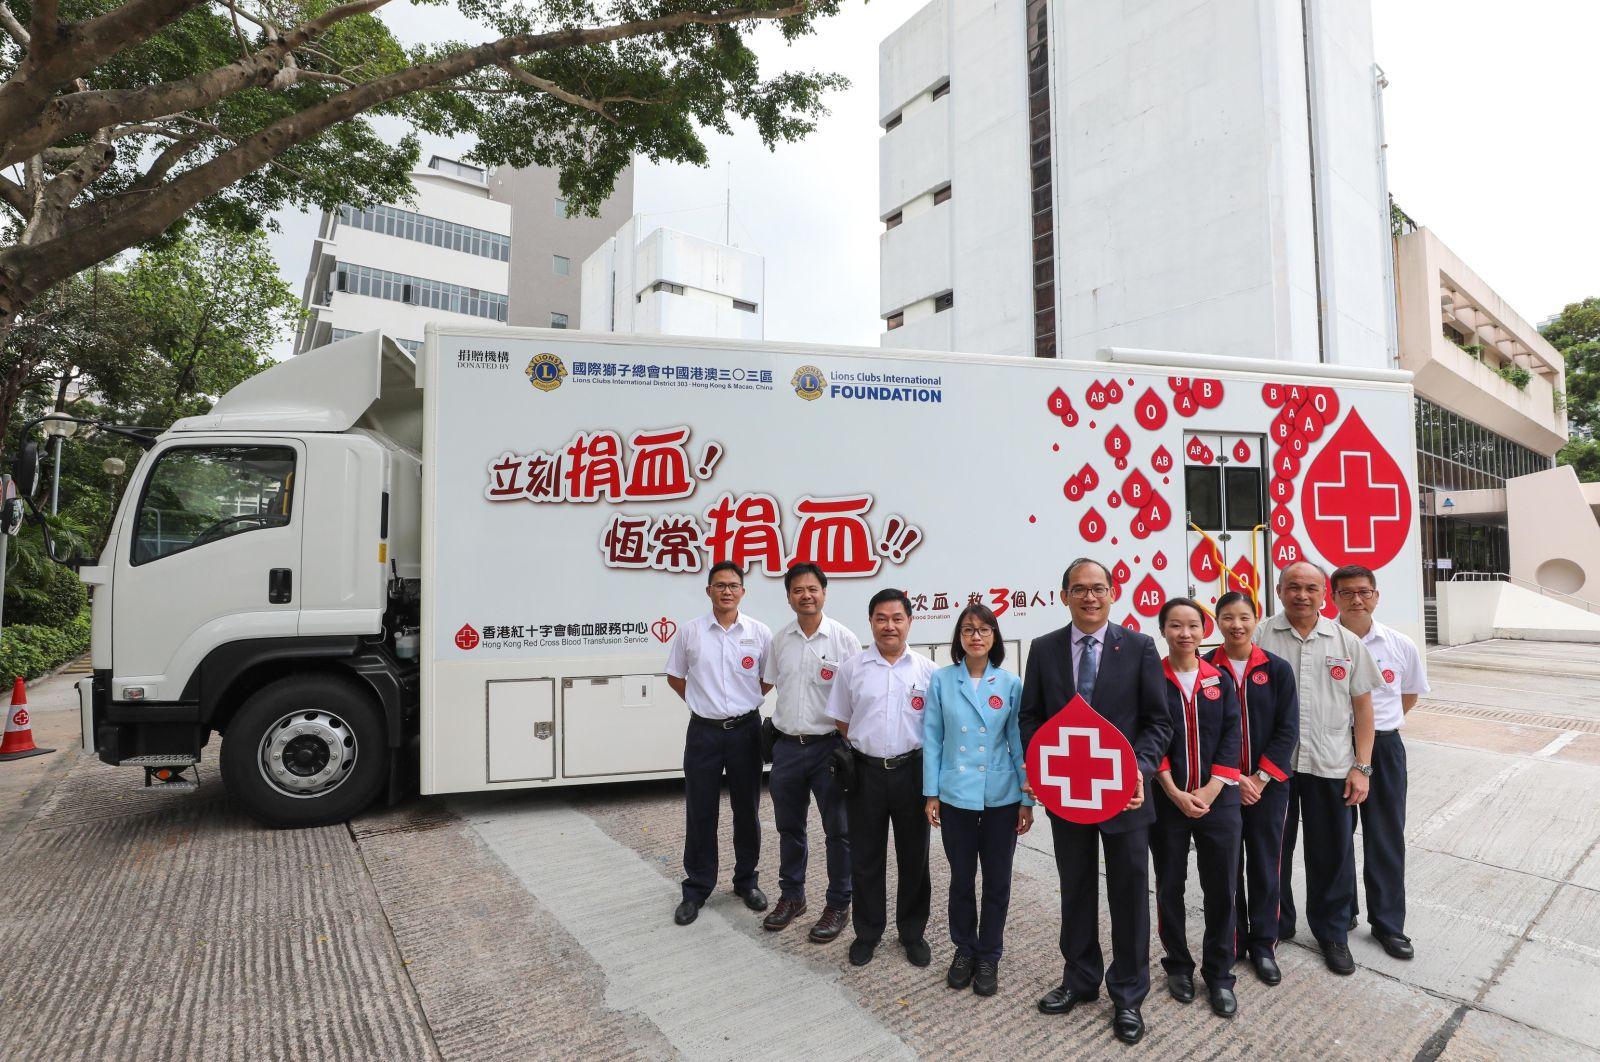 圖片: 全新流動捐血車獅子號於2019年4月正式投入服務